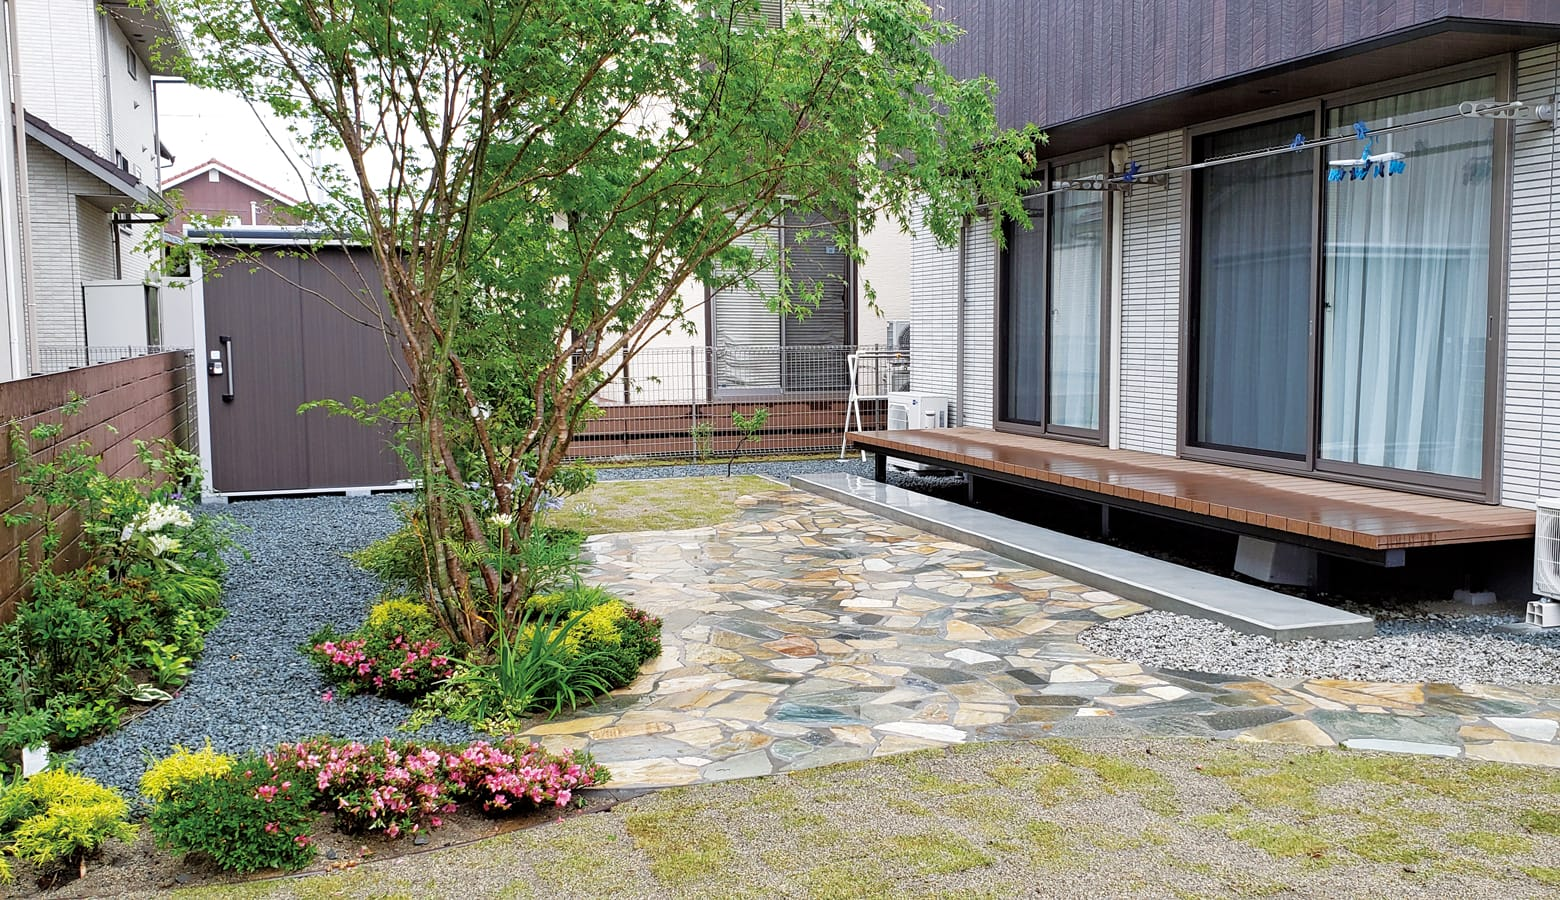 天然石と植栽をバランスよく配置したシェードガーデン_桂林乱形